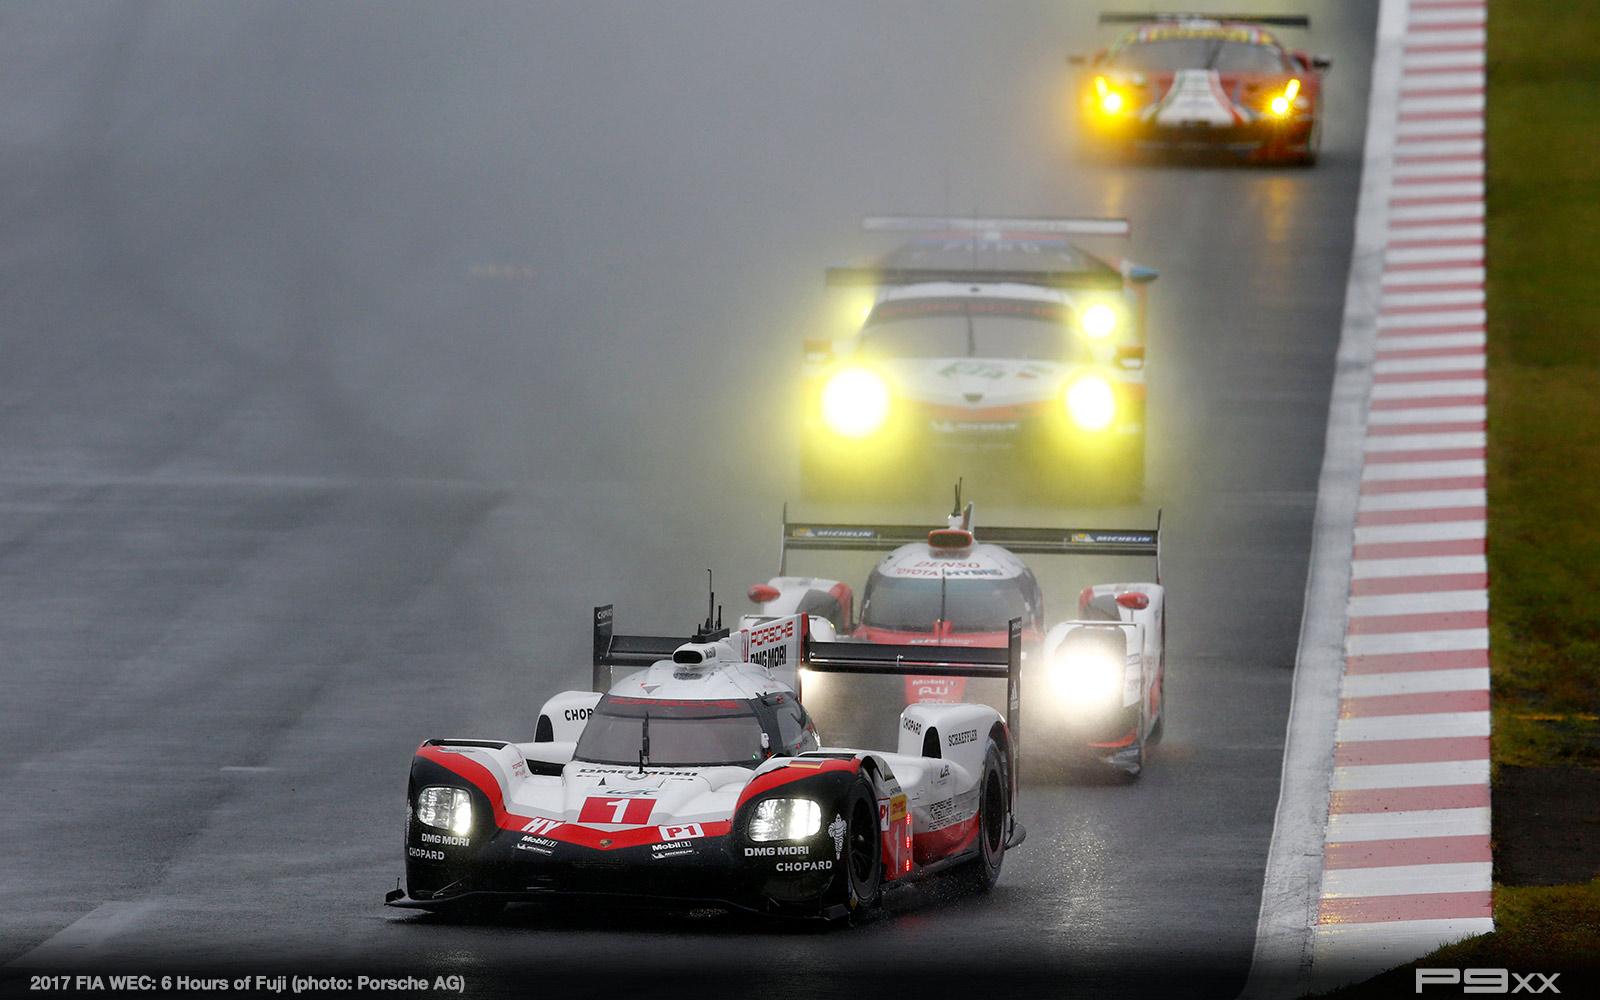 2017-FIA-WEC-6h-of-Fuji-Porsche-448